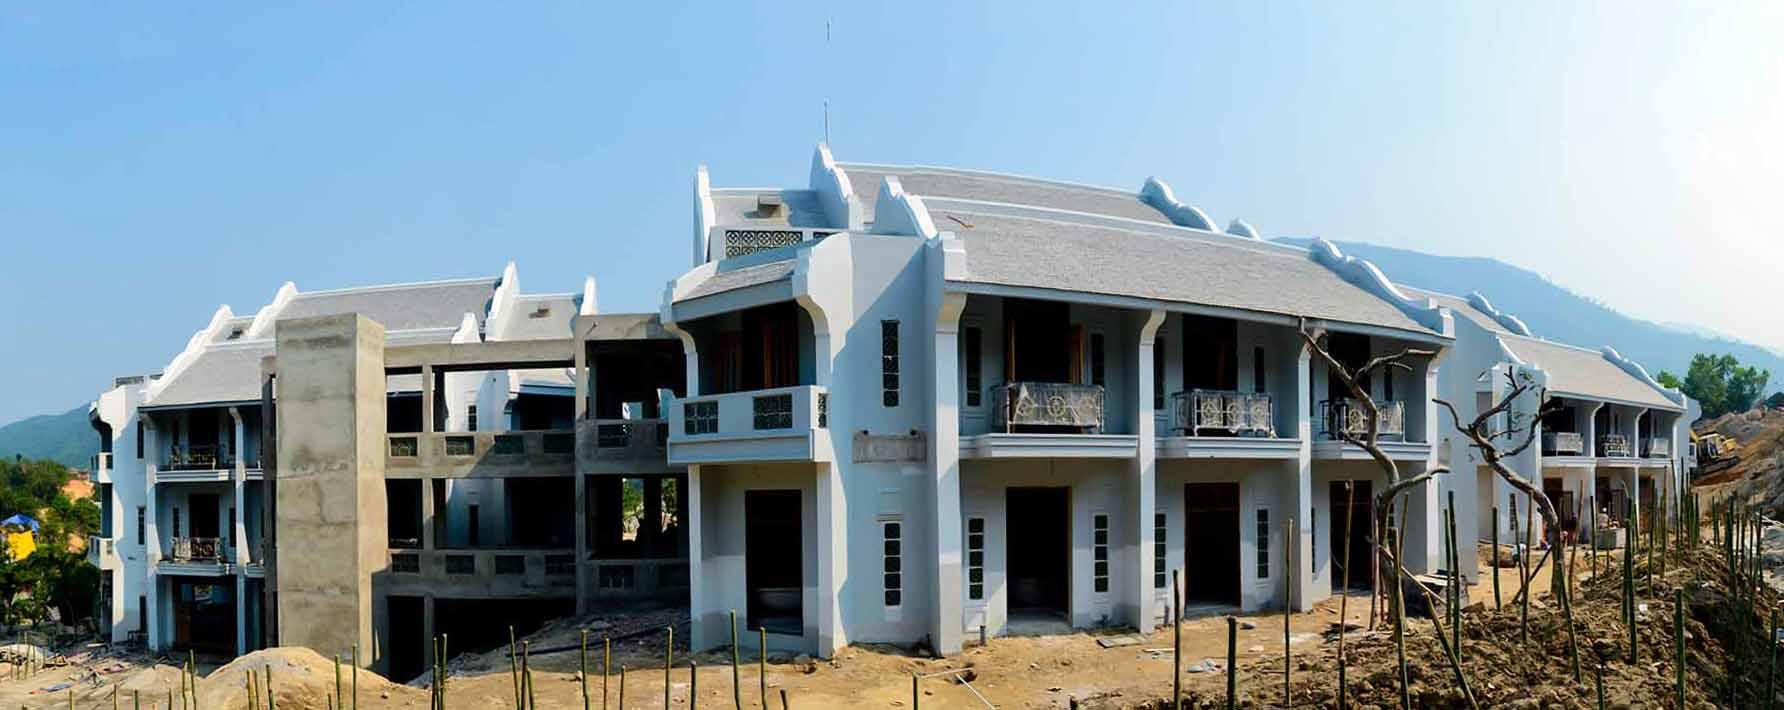 Khoi Studio: Chụp ảnh xây dựng, dự án bất động sản tại Đà Nẵng, Quảng NamKhoi Studio: Chụp ảnh xây dựng, dự án bất động sản tại Đà Nẵng, Quảng Nam